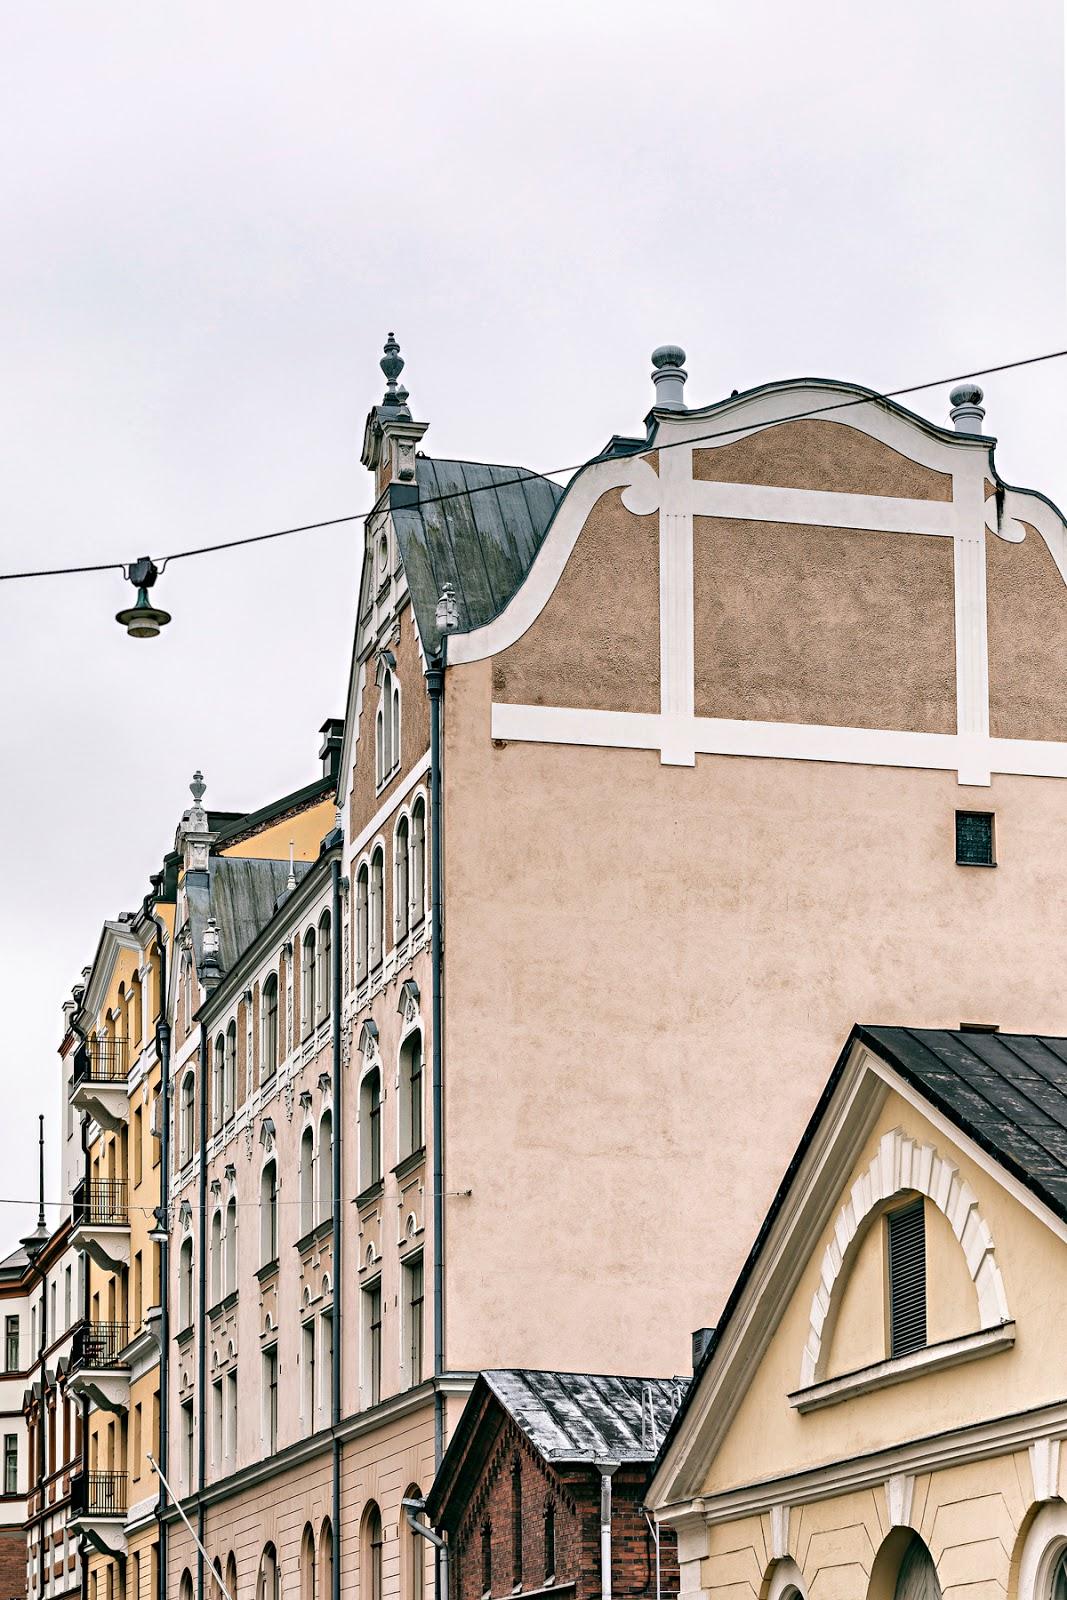 Helsinki, myhelsinki, keskusta, city, streetlife, architecture, arkkitehtuuri, vanhat talot, visualaddictfrida, valokuvaaja, valokuvaus, Frida Steiner, Visualaddict, kruunuhaka